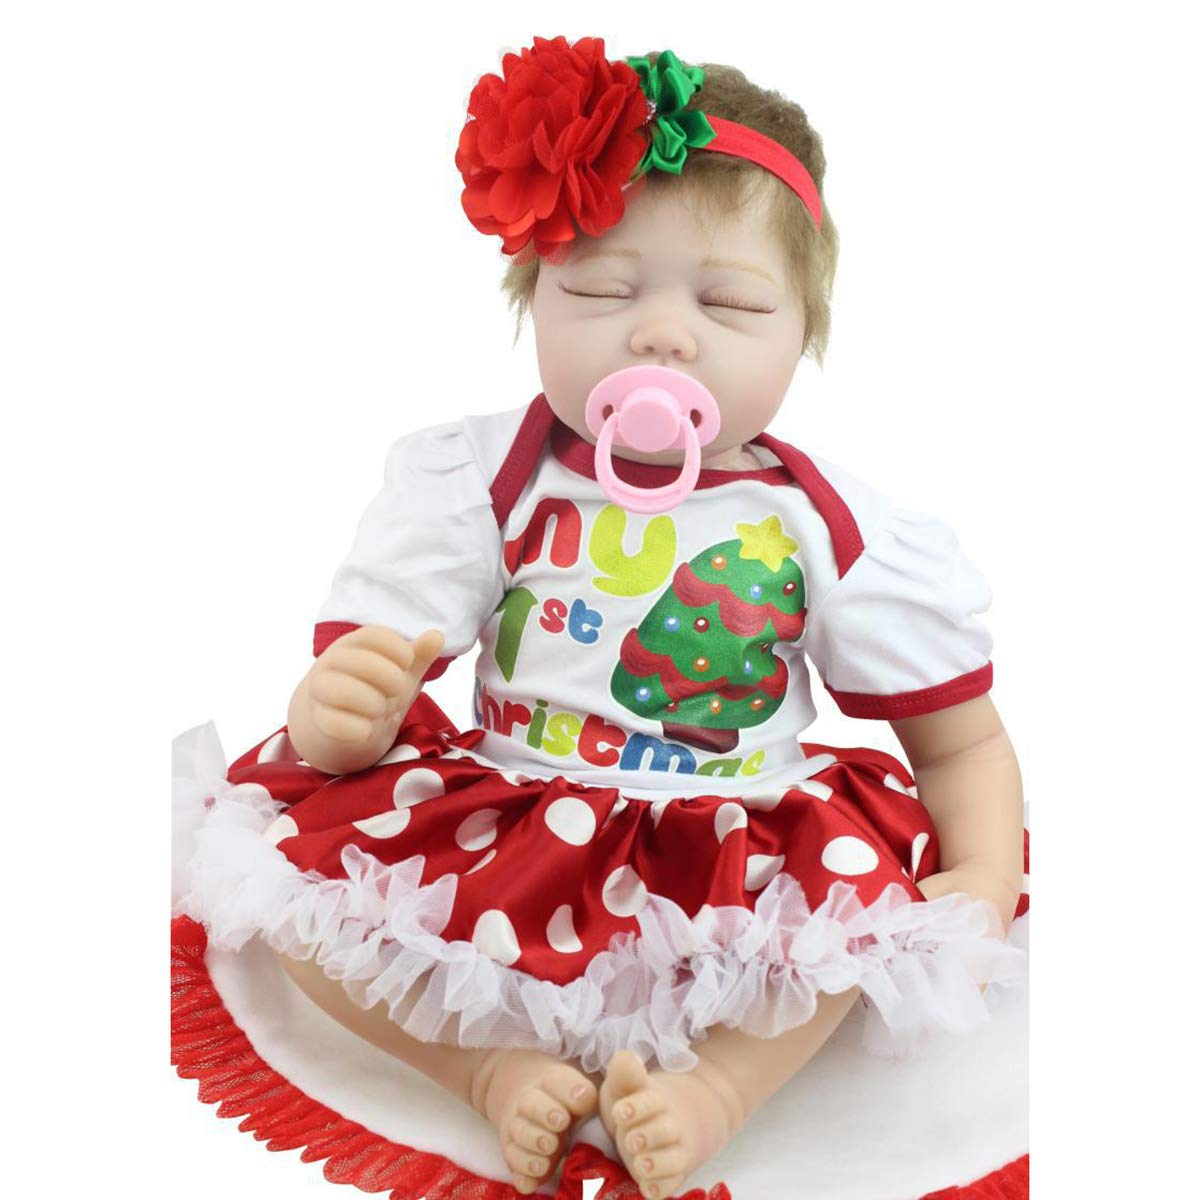 LBHE Handgemachtes Schlafen Ganzkörper-Silikon-weiches Vinyl Real suchen Reborn Babypuppen 22 ''   55cm lebensechte Neugeborene Mädchen-Puppe B07Q5ZWRVT Babypuppen Vorzüglich | Nutzen Sie Materialien voll aus